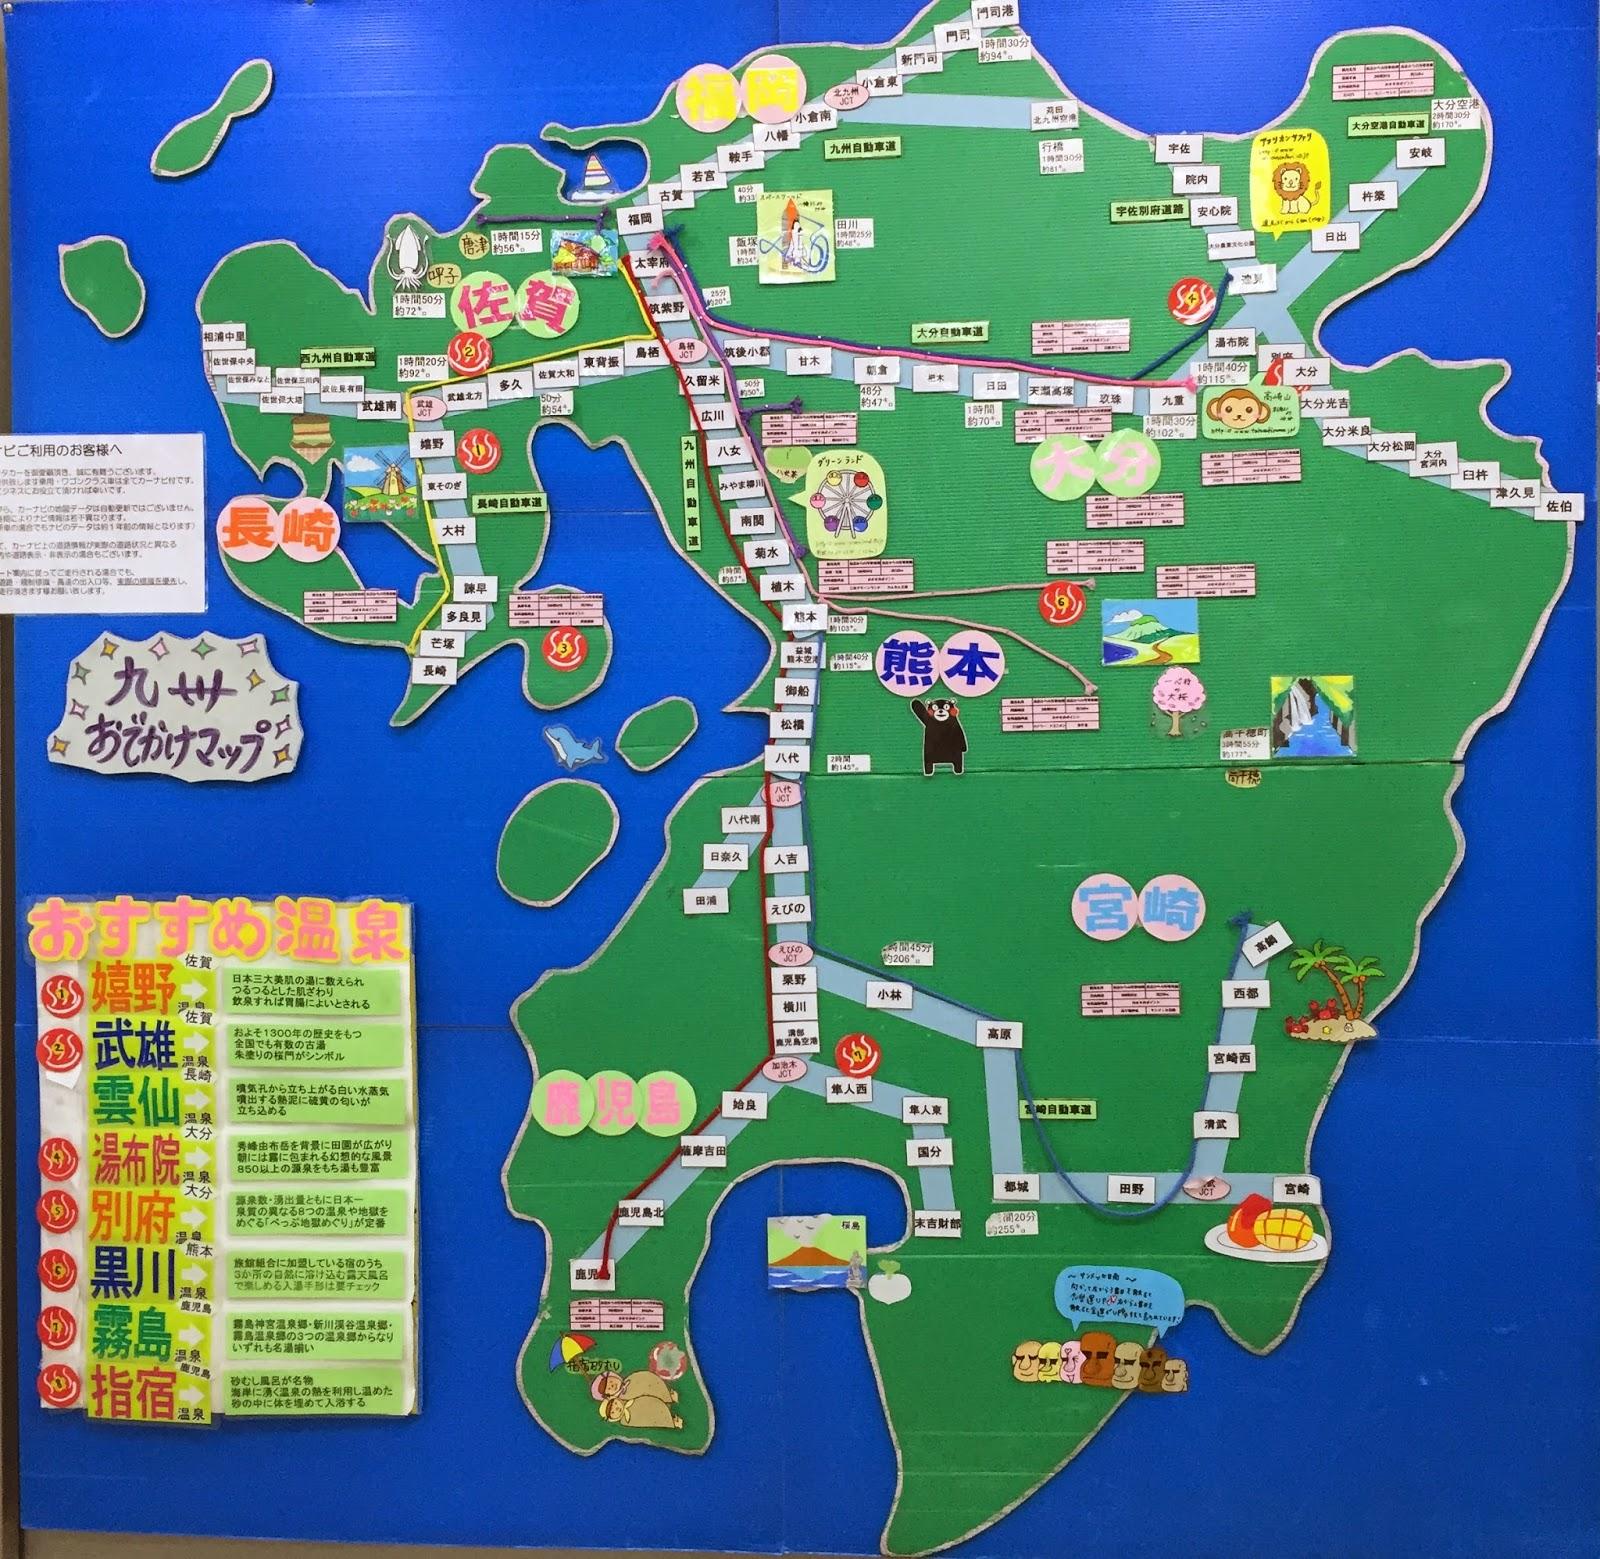 【日本】2015 十天九州環島自駕遊 - 行程編排 (持續更新中 ...